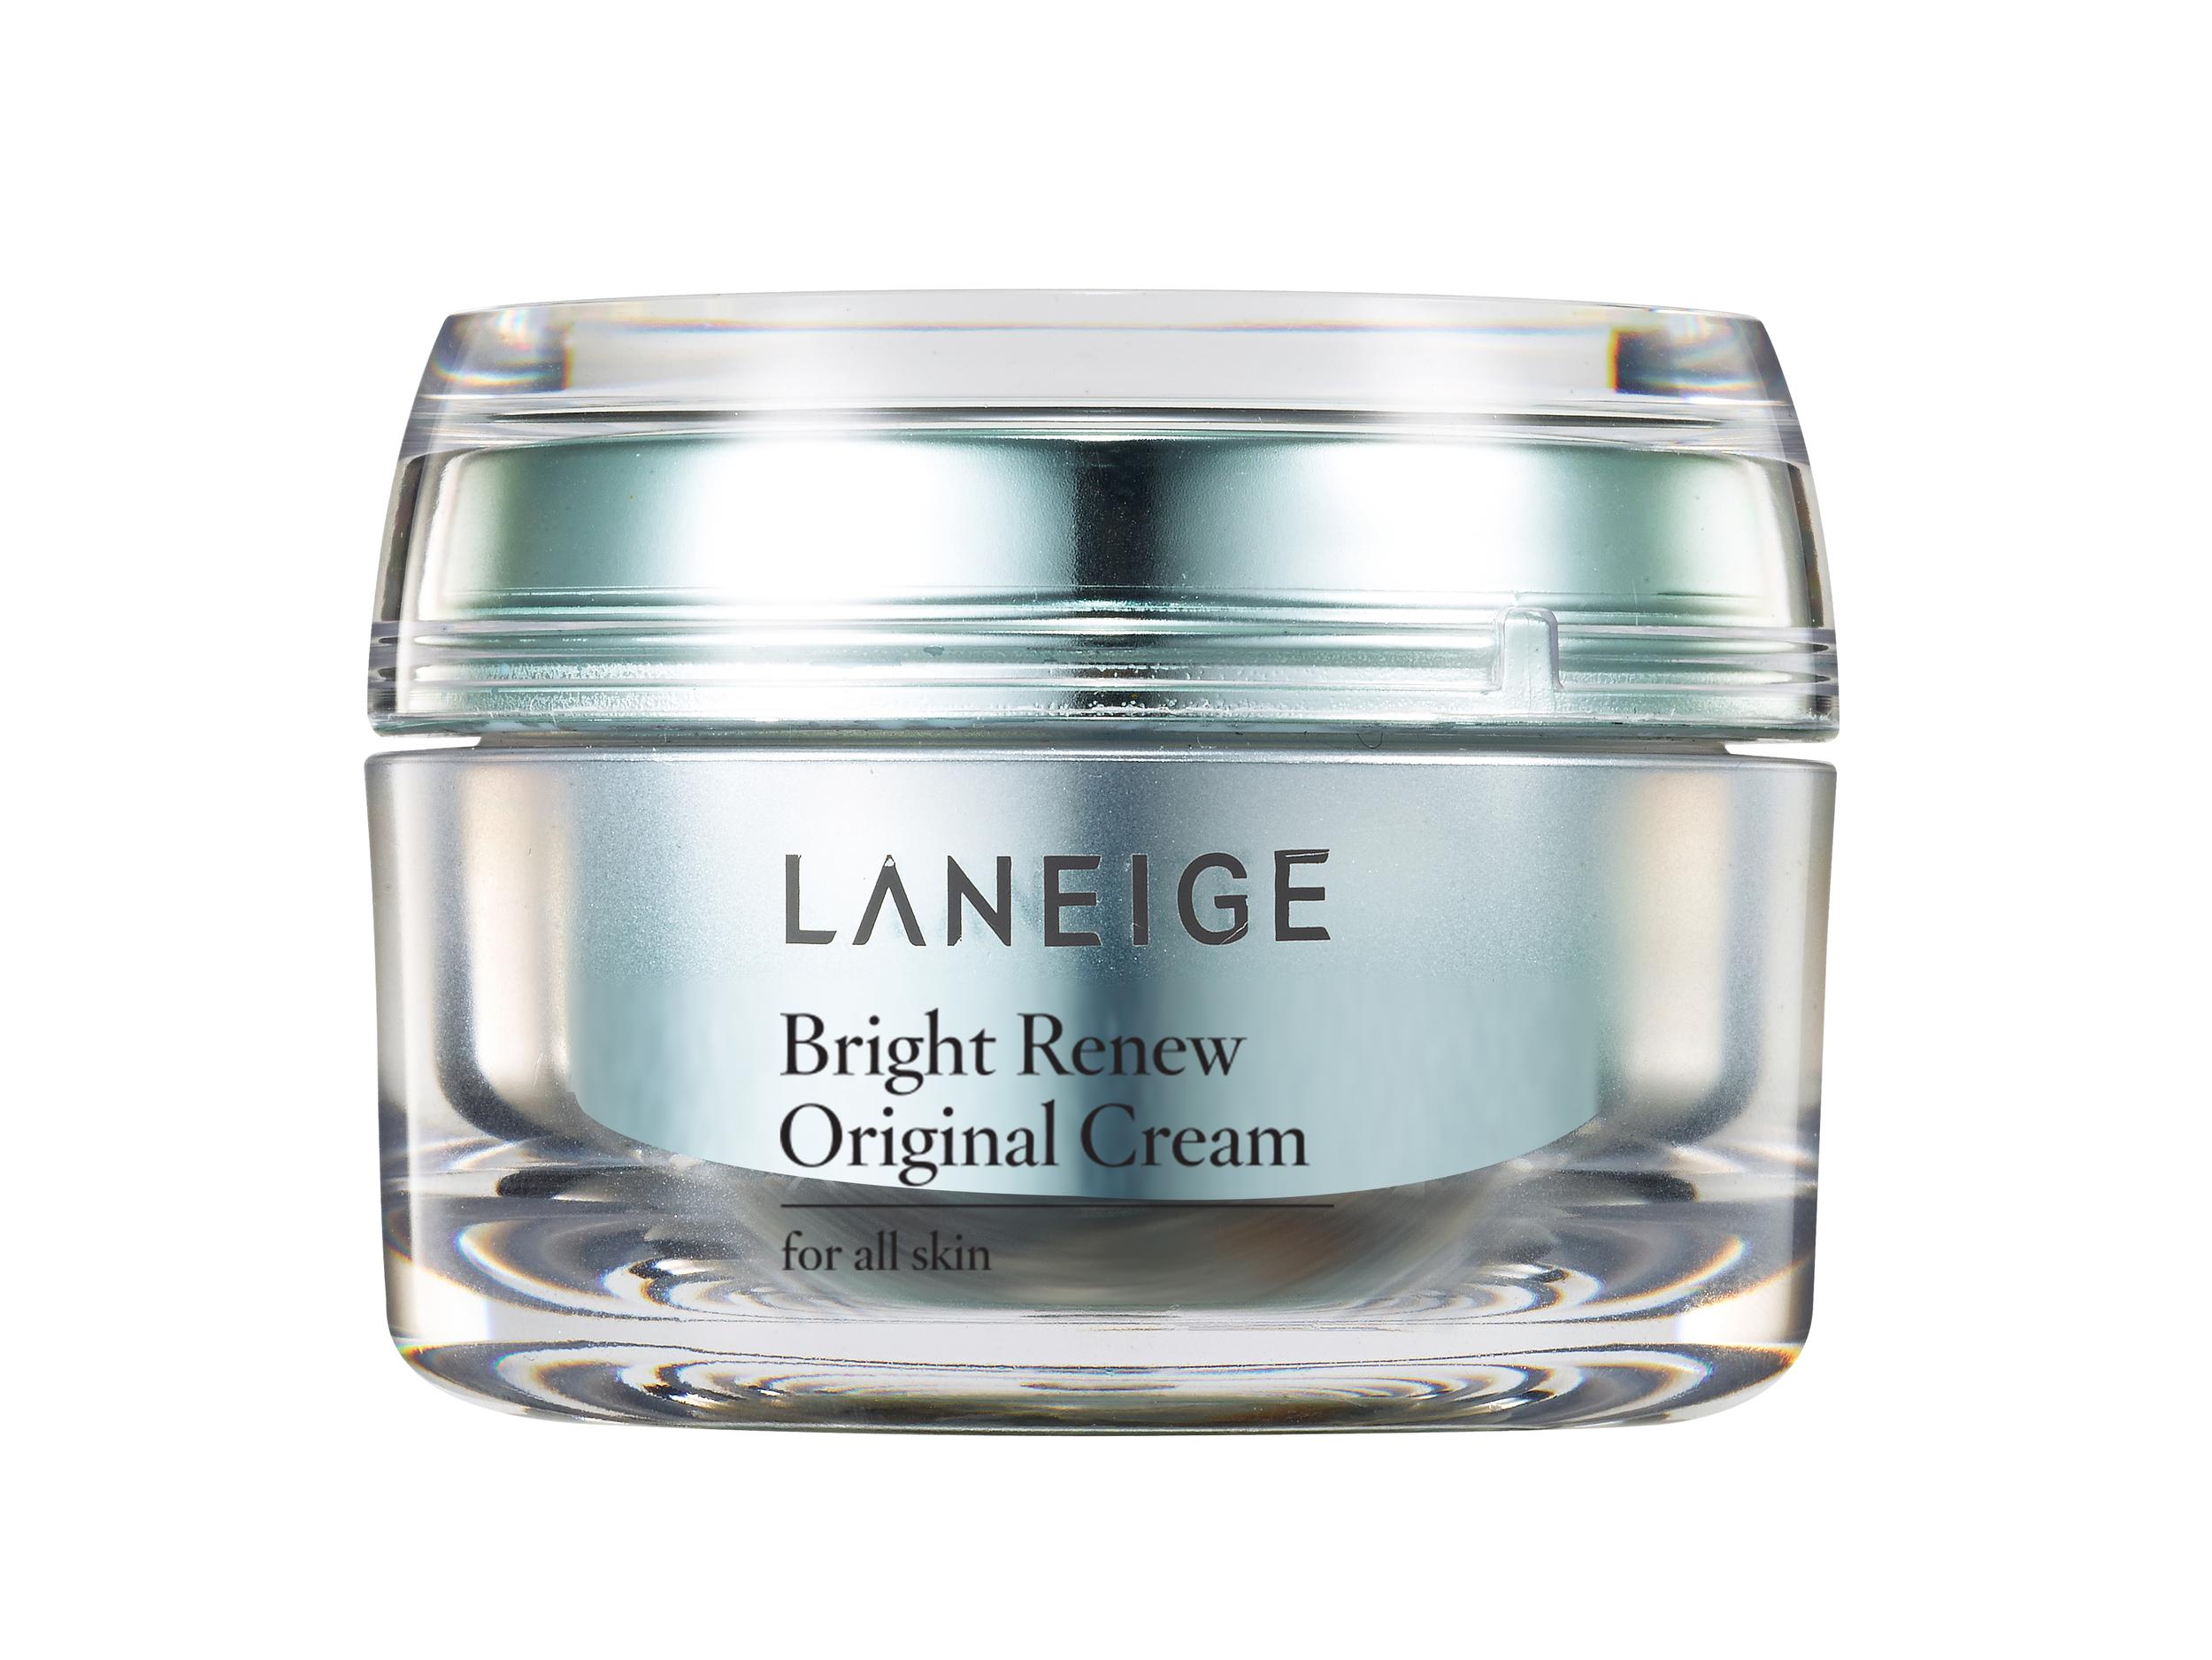 Bright Renew Original Cream.jpg